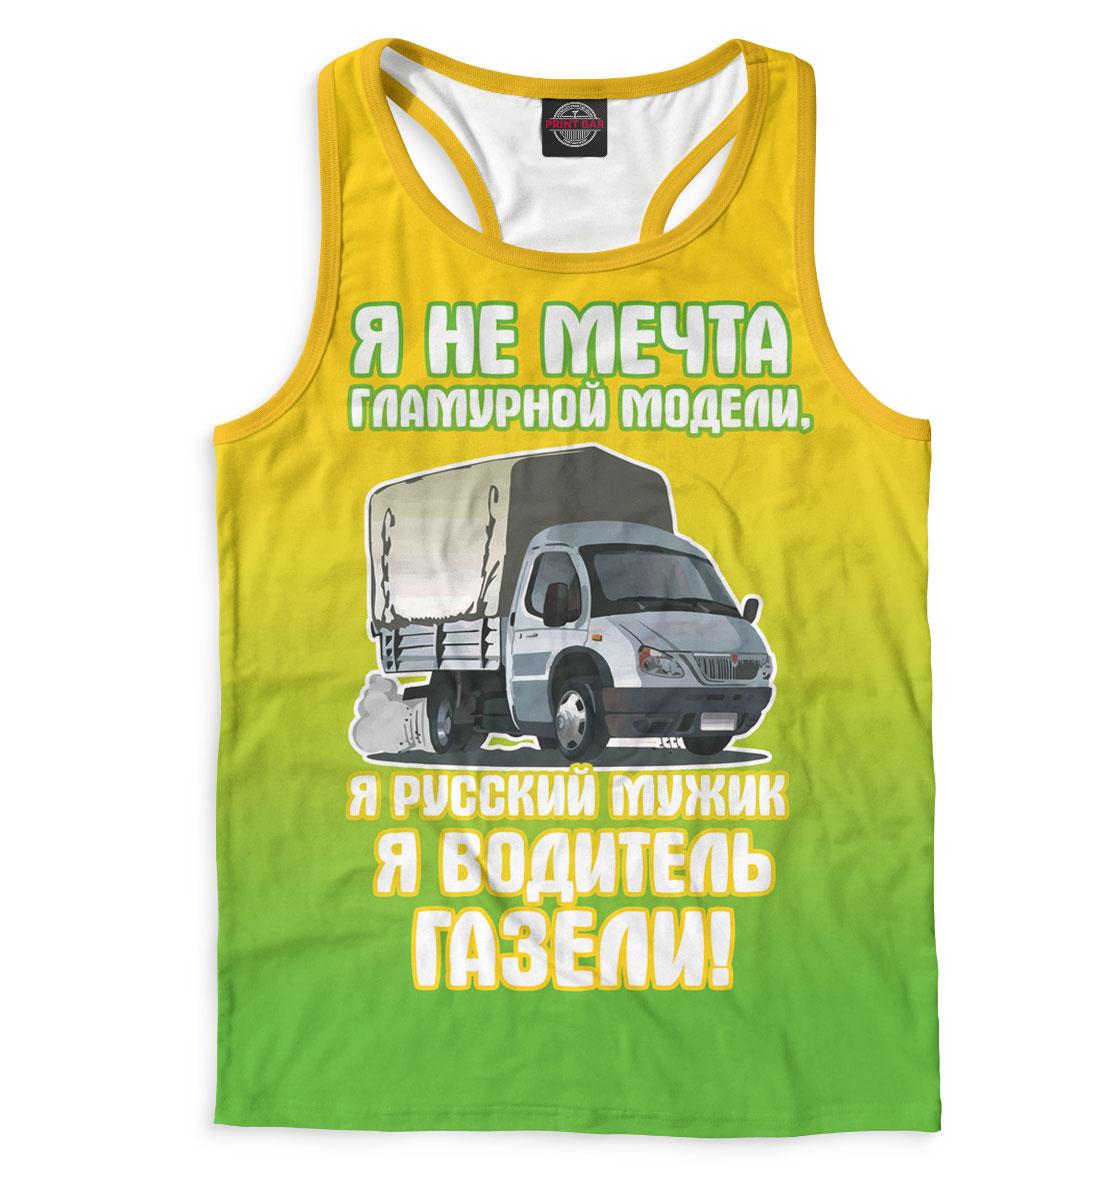 Купить Водитель Газели, Printbar, Майки борцовки, VDT-911821-mayb-2